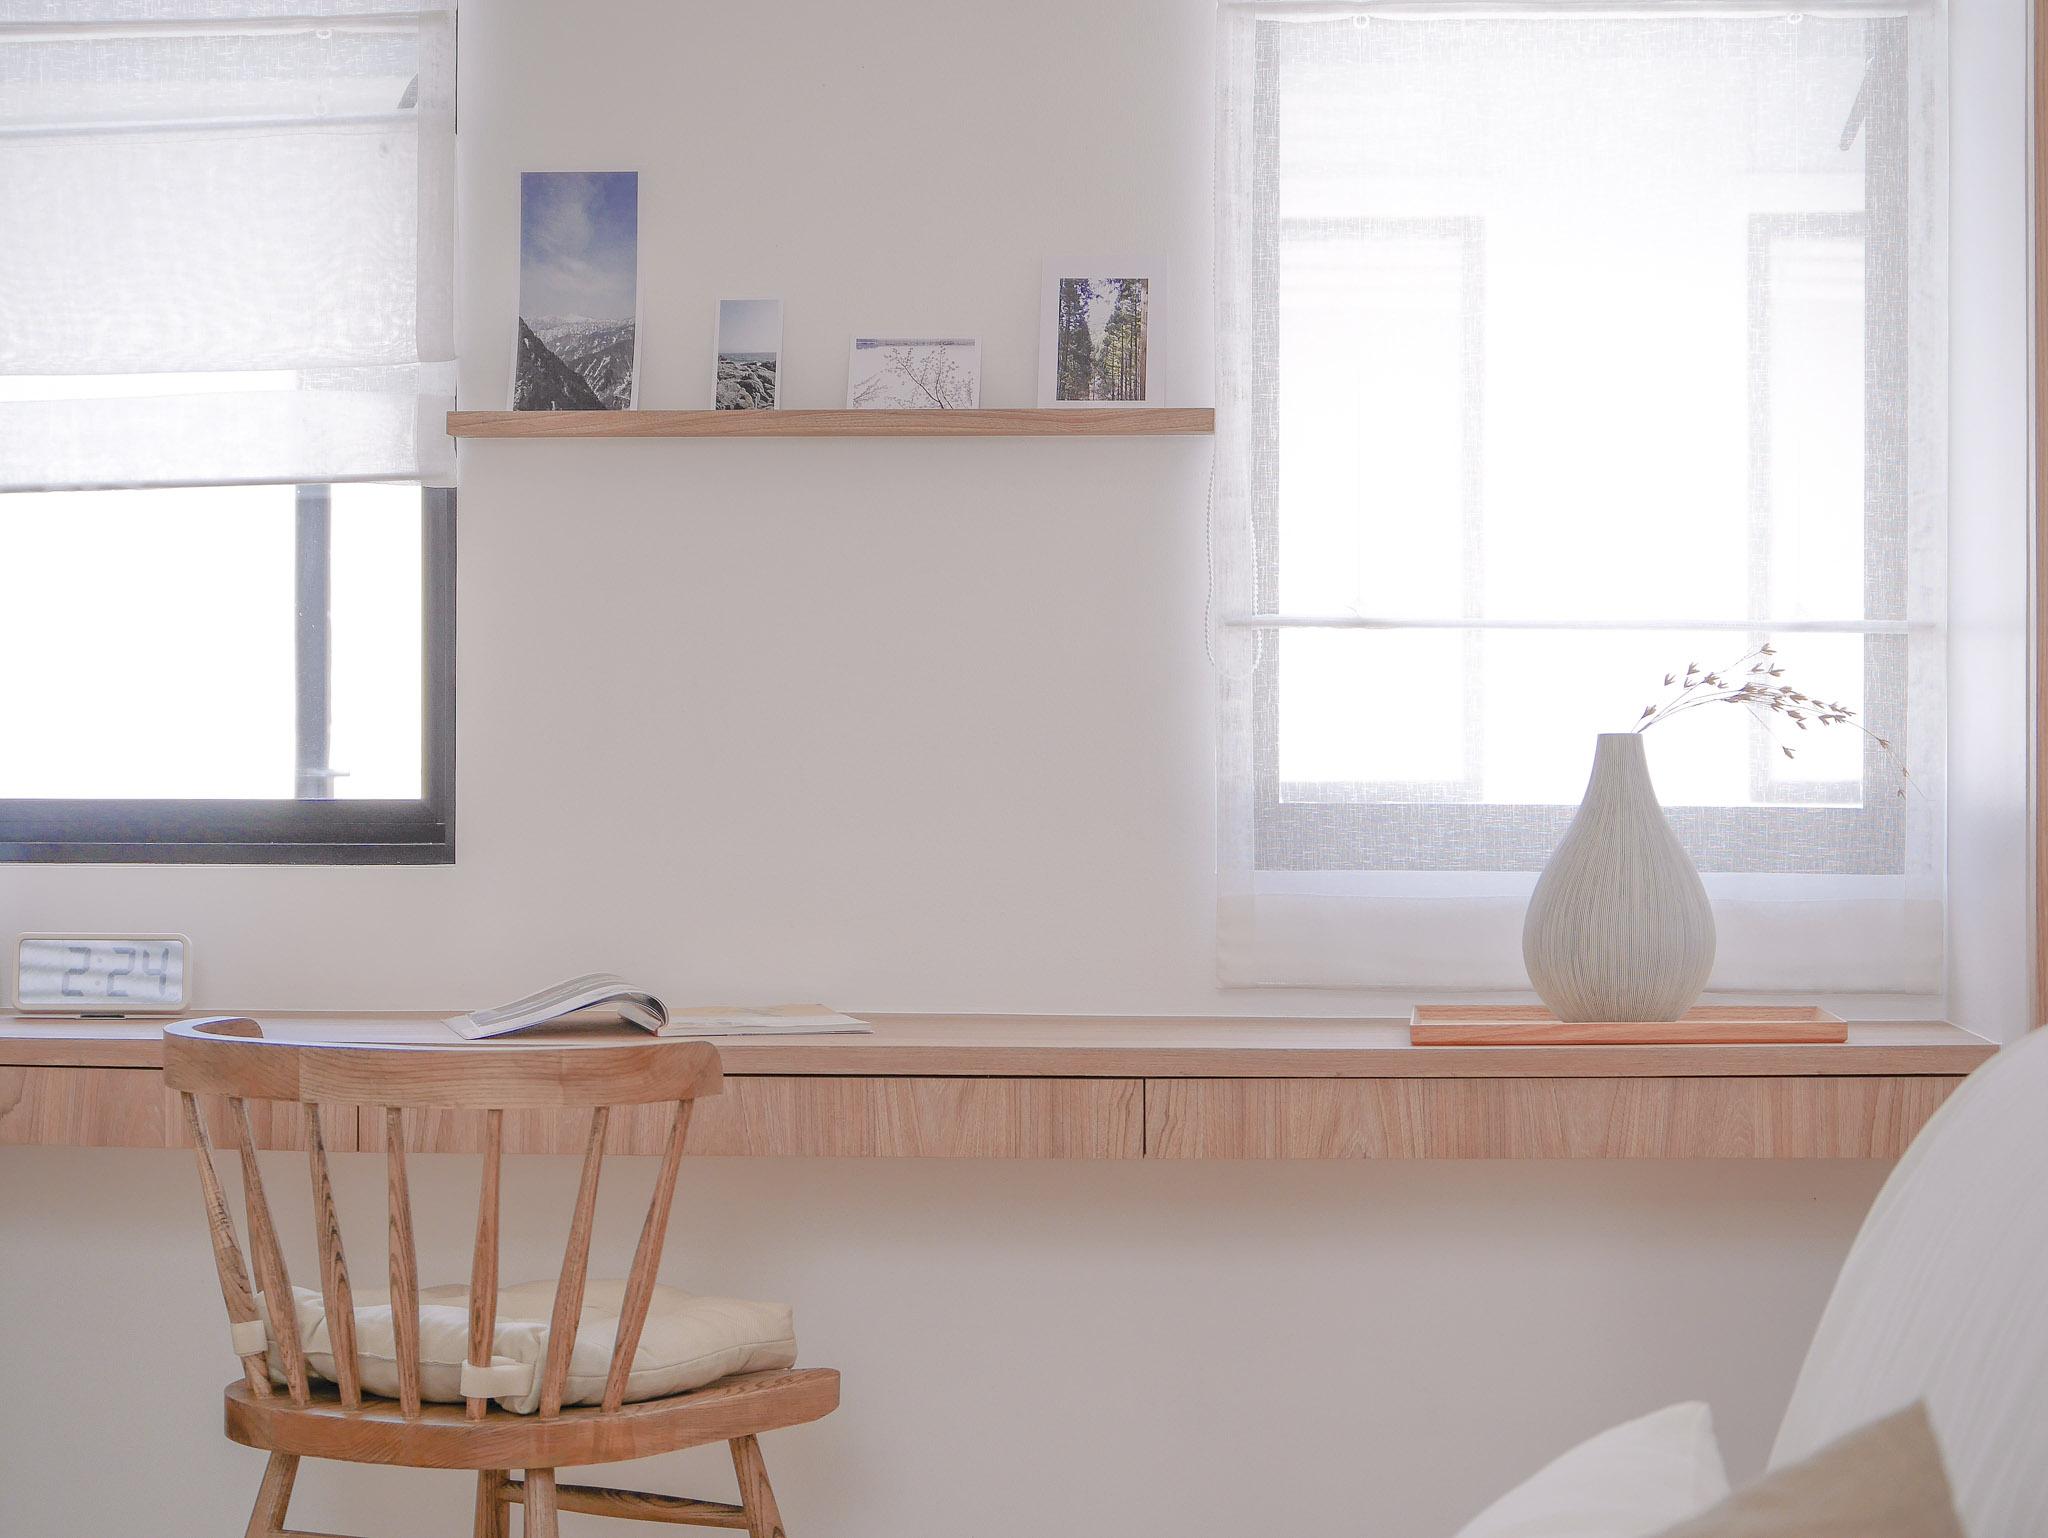 """โนเบิล เกเบิล คันโซ วัชรพล บ้านที่ออกแบบภายใต้คอนเซปท์ """"คิดอย่างเซน อยู่อย่างเซน"""" 26 - house"""